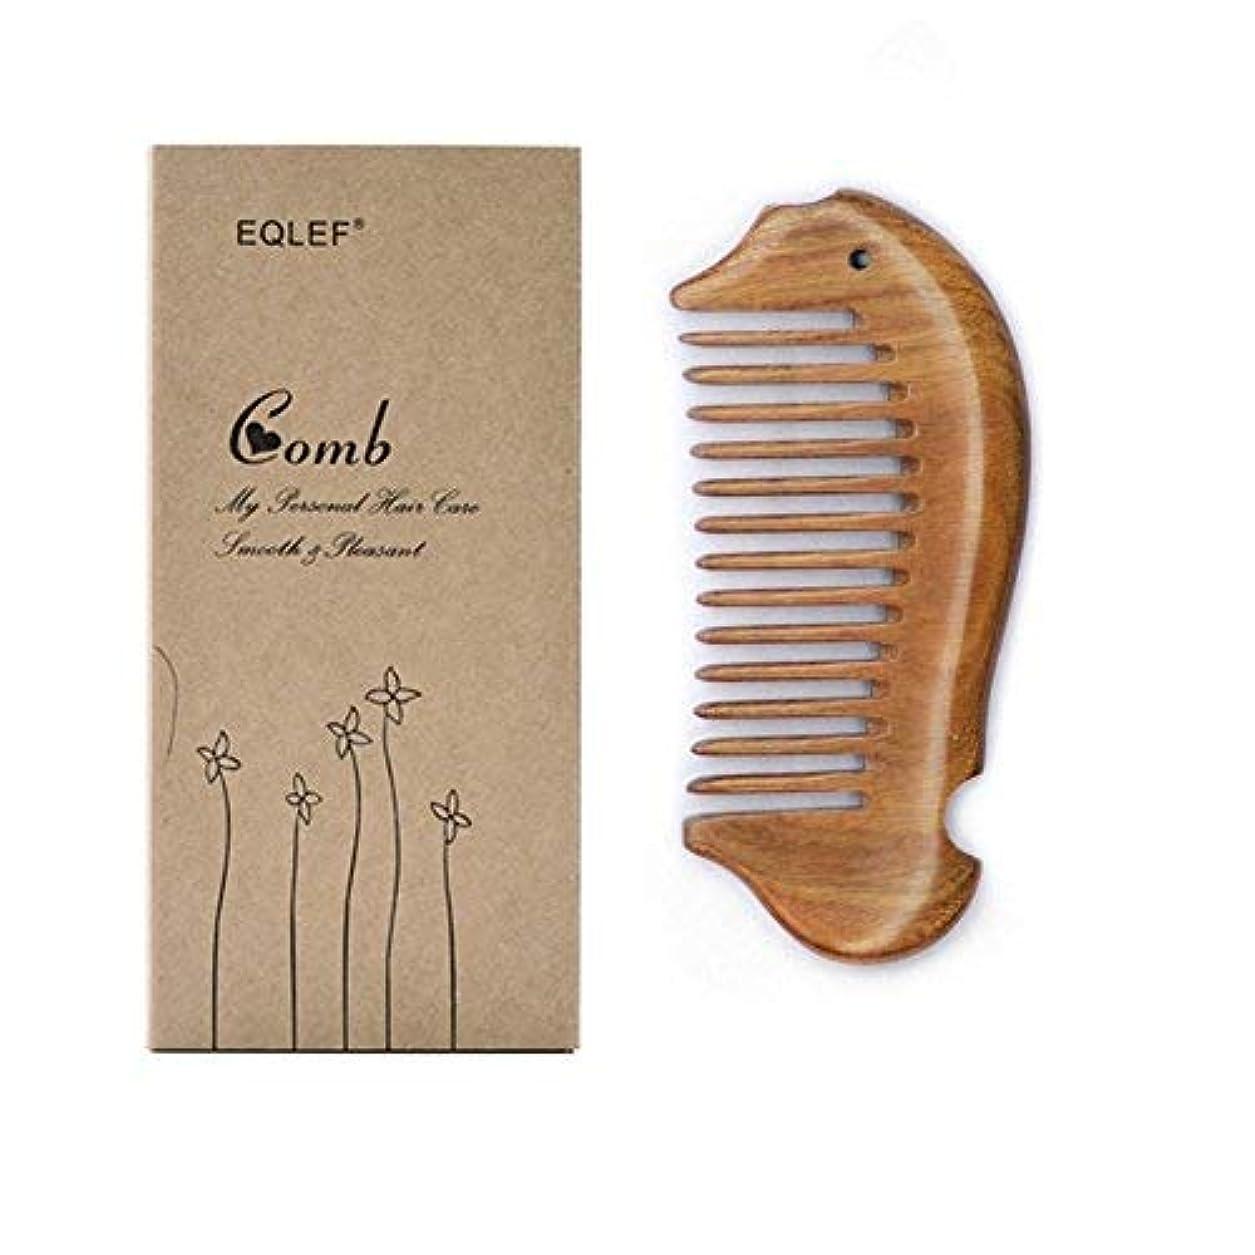 スタック捧げる観光に行くEQLEF? Fish shape Beard Comb Wooden Comb wide Tooth Green Sandalwood Pocket Comb Small Hair Comb Hair Brush [並行輸入品]